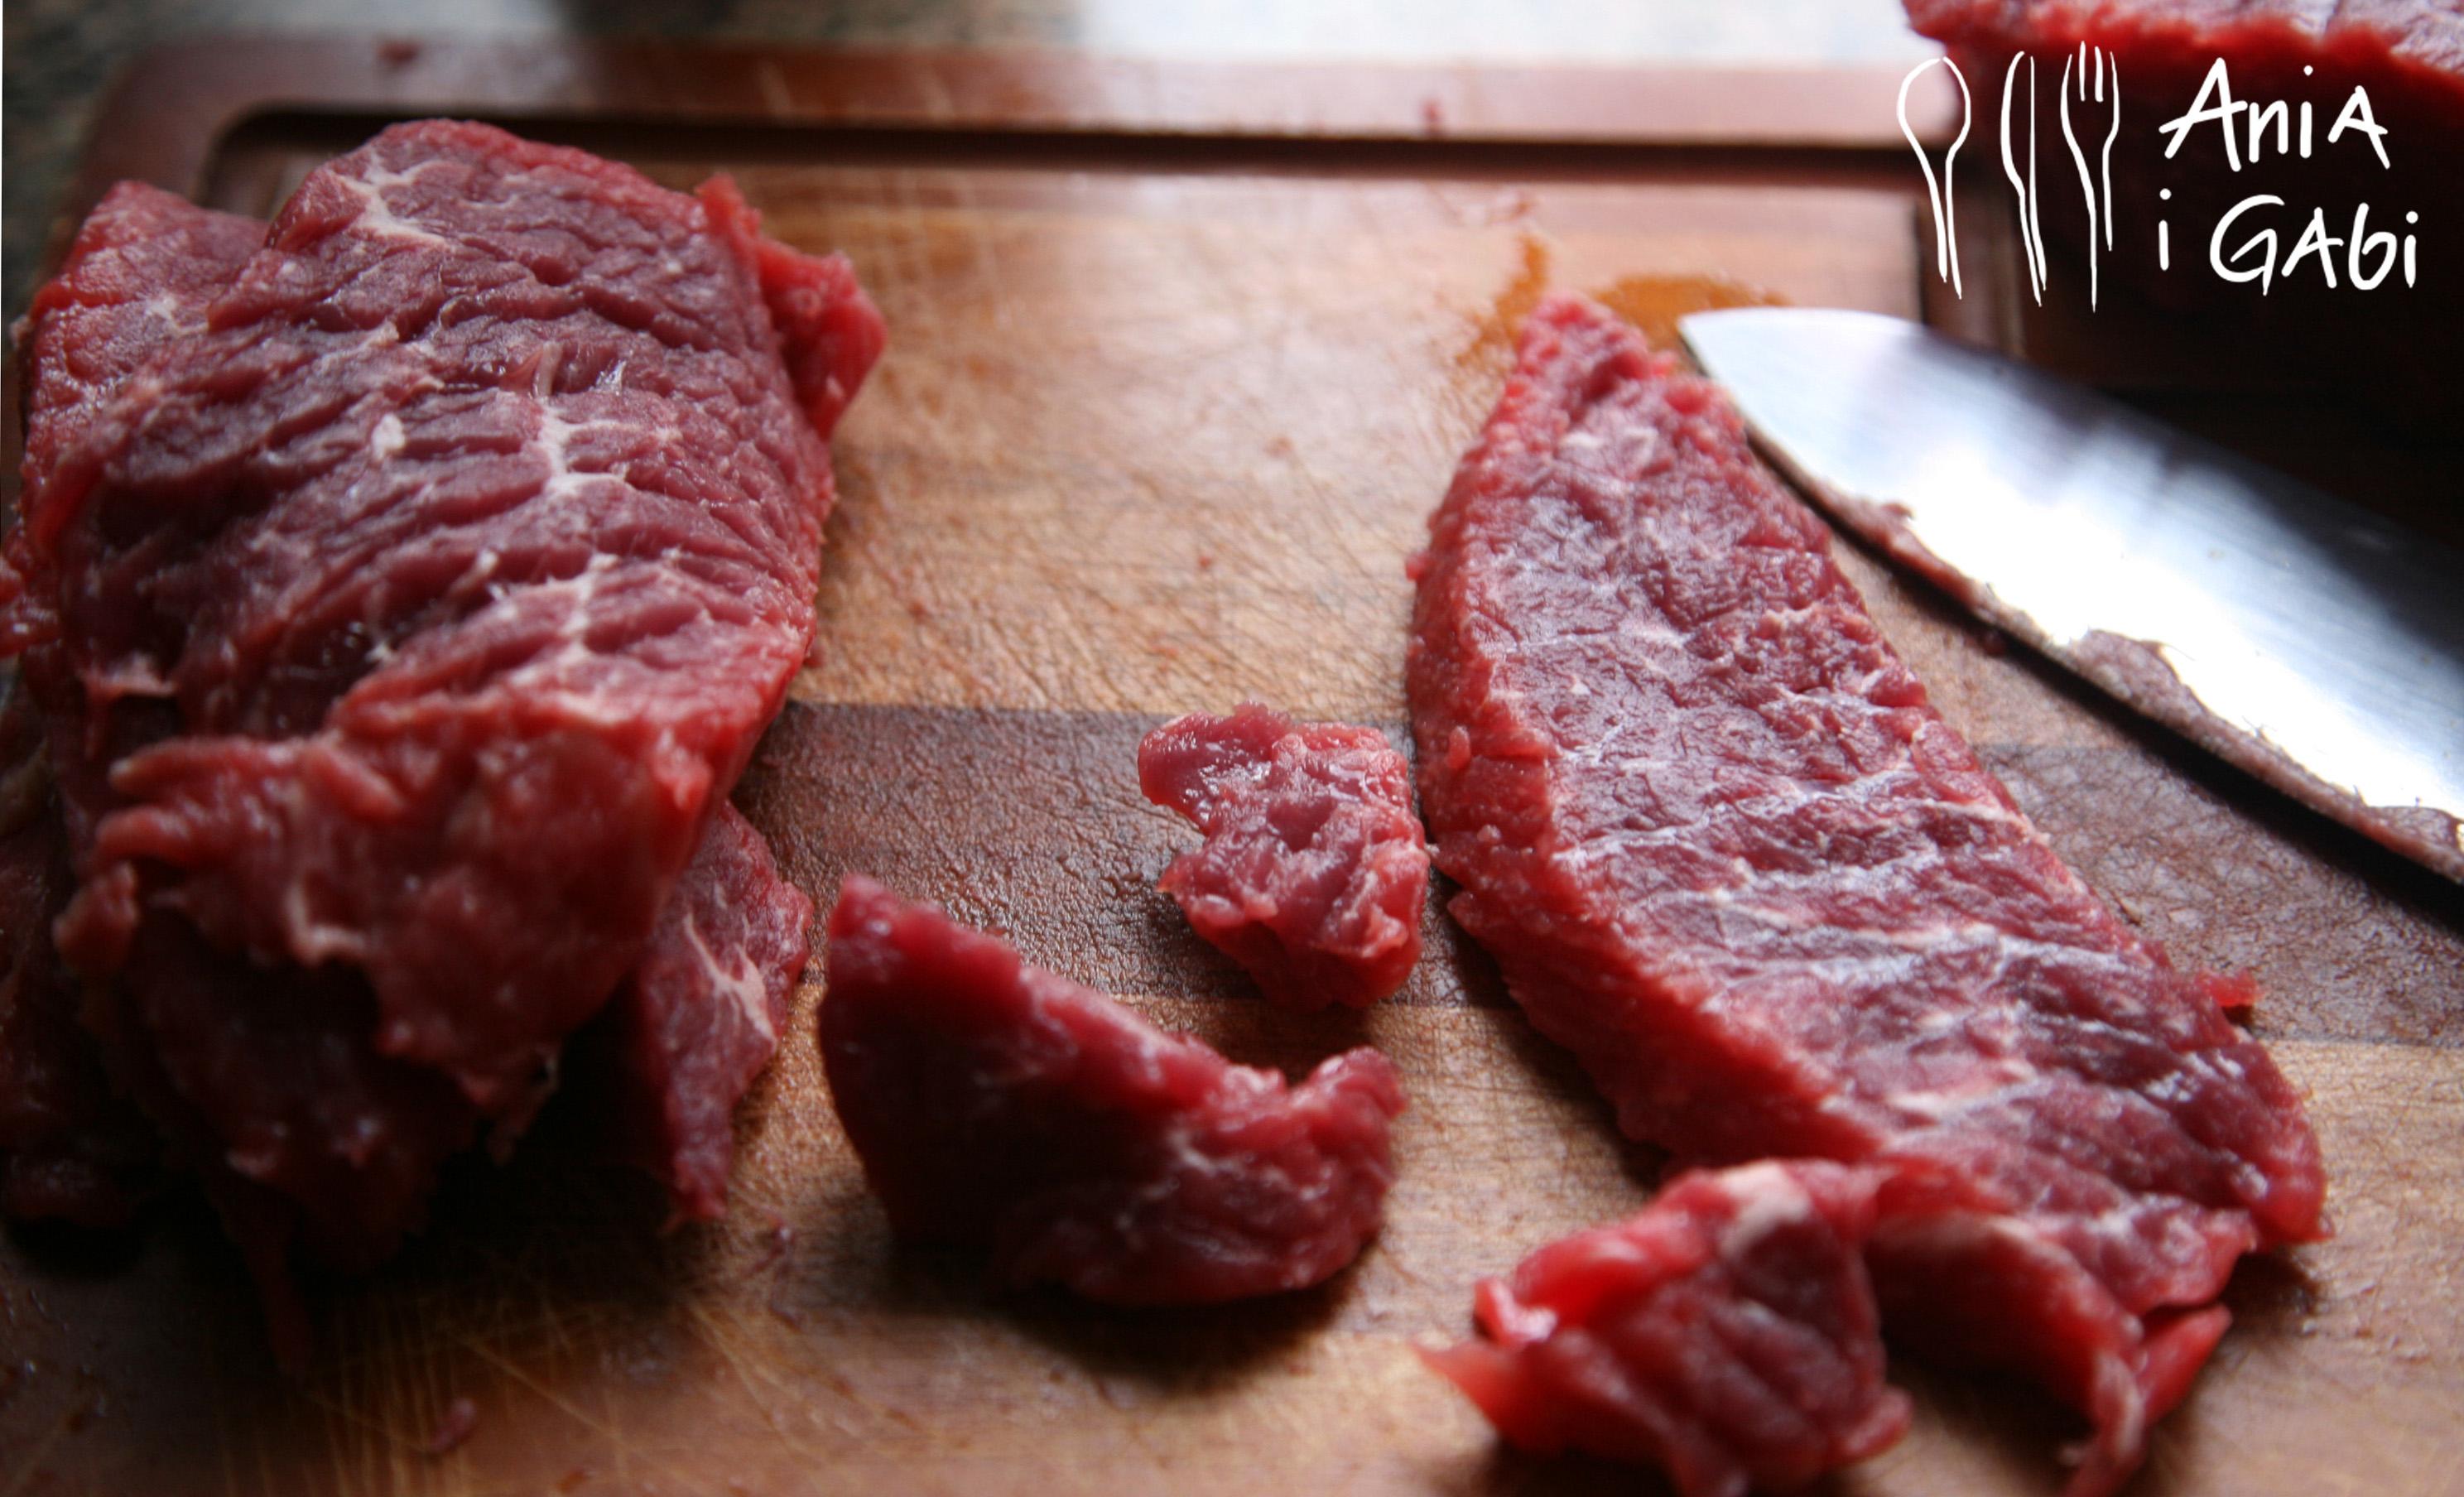 Boeuf Bourguignon  czyli wołowina po burgundzku